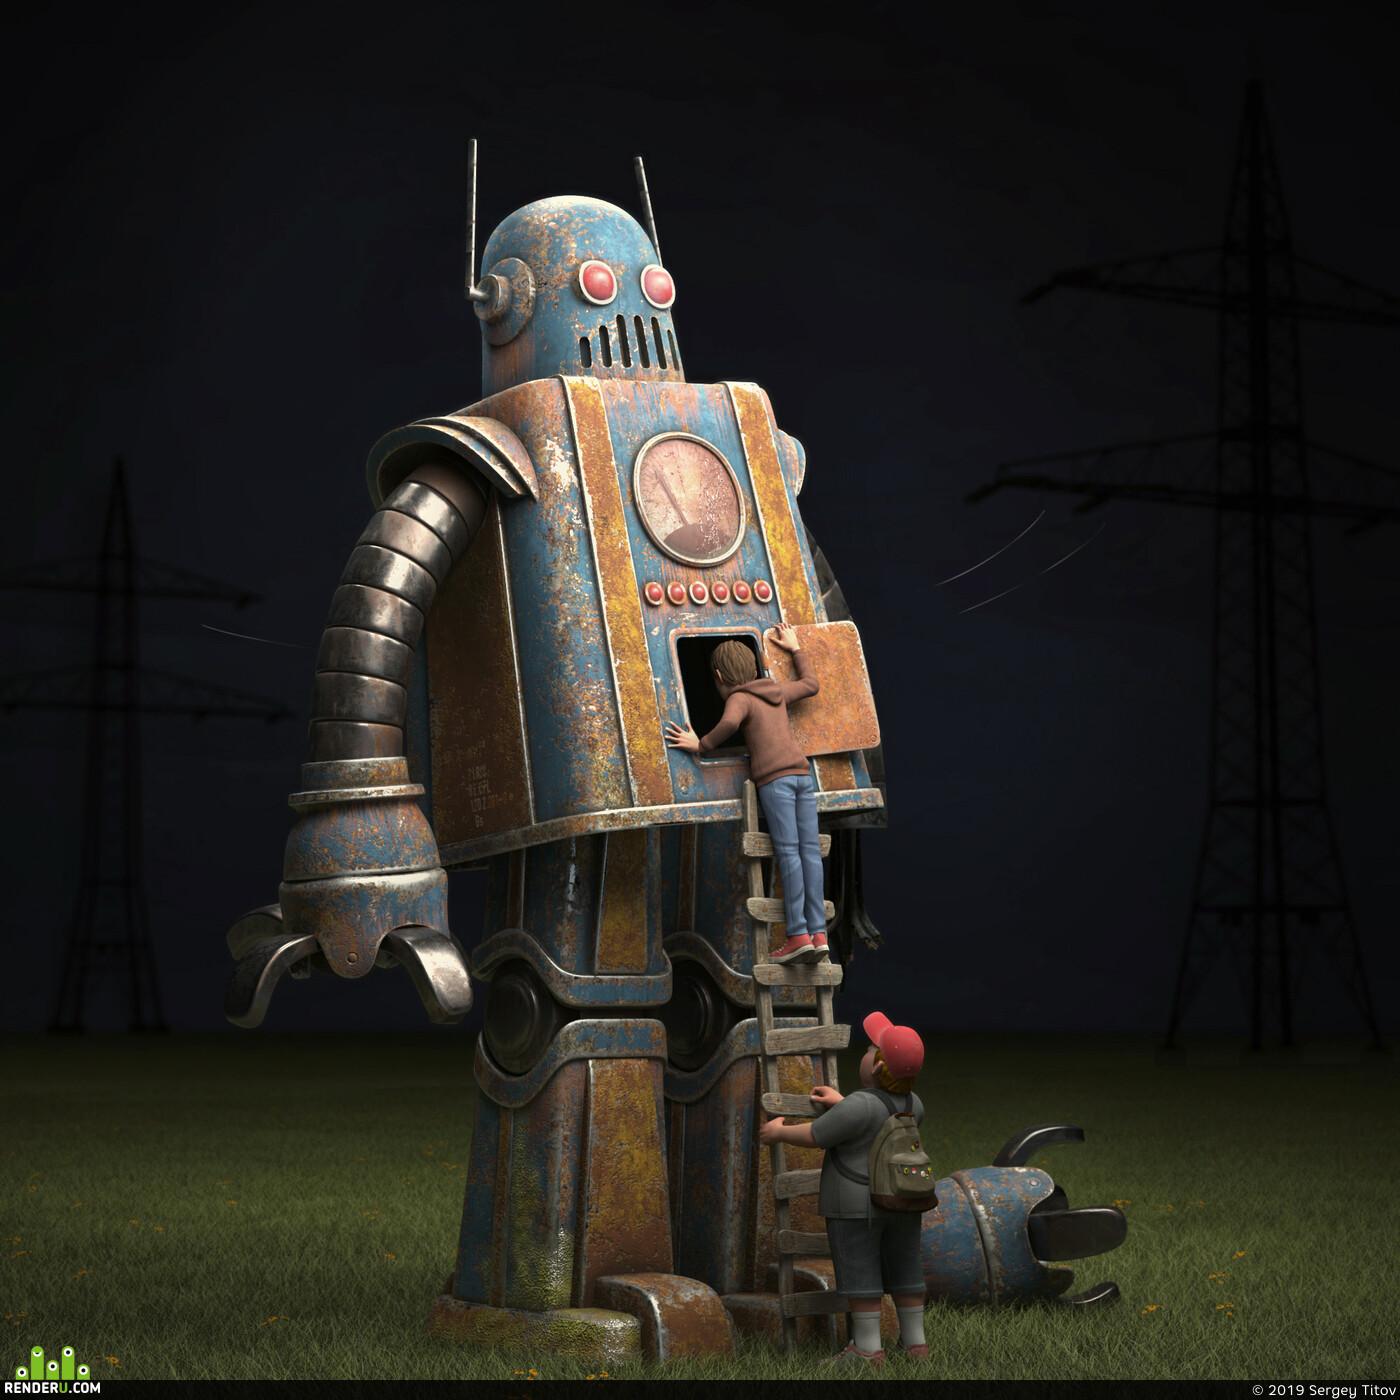 Character, 3D caracter, Картун (Cartoon), design_character, 3d character, 3dcharacter, ZBrush, Modo, robot, персонаж